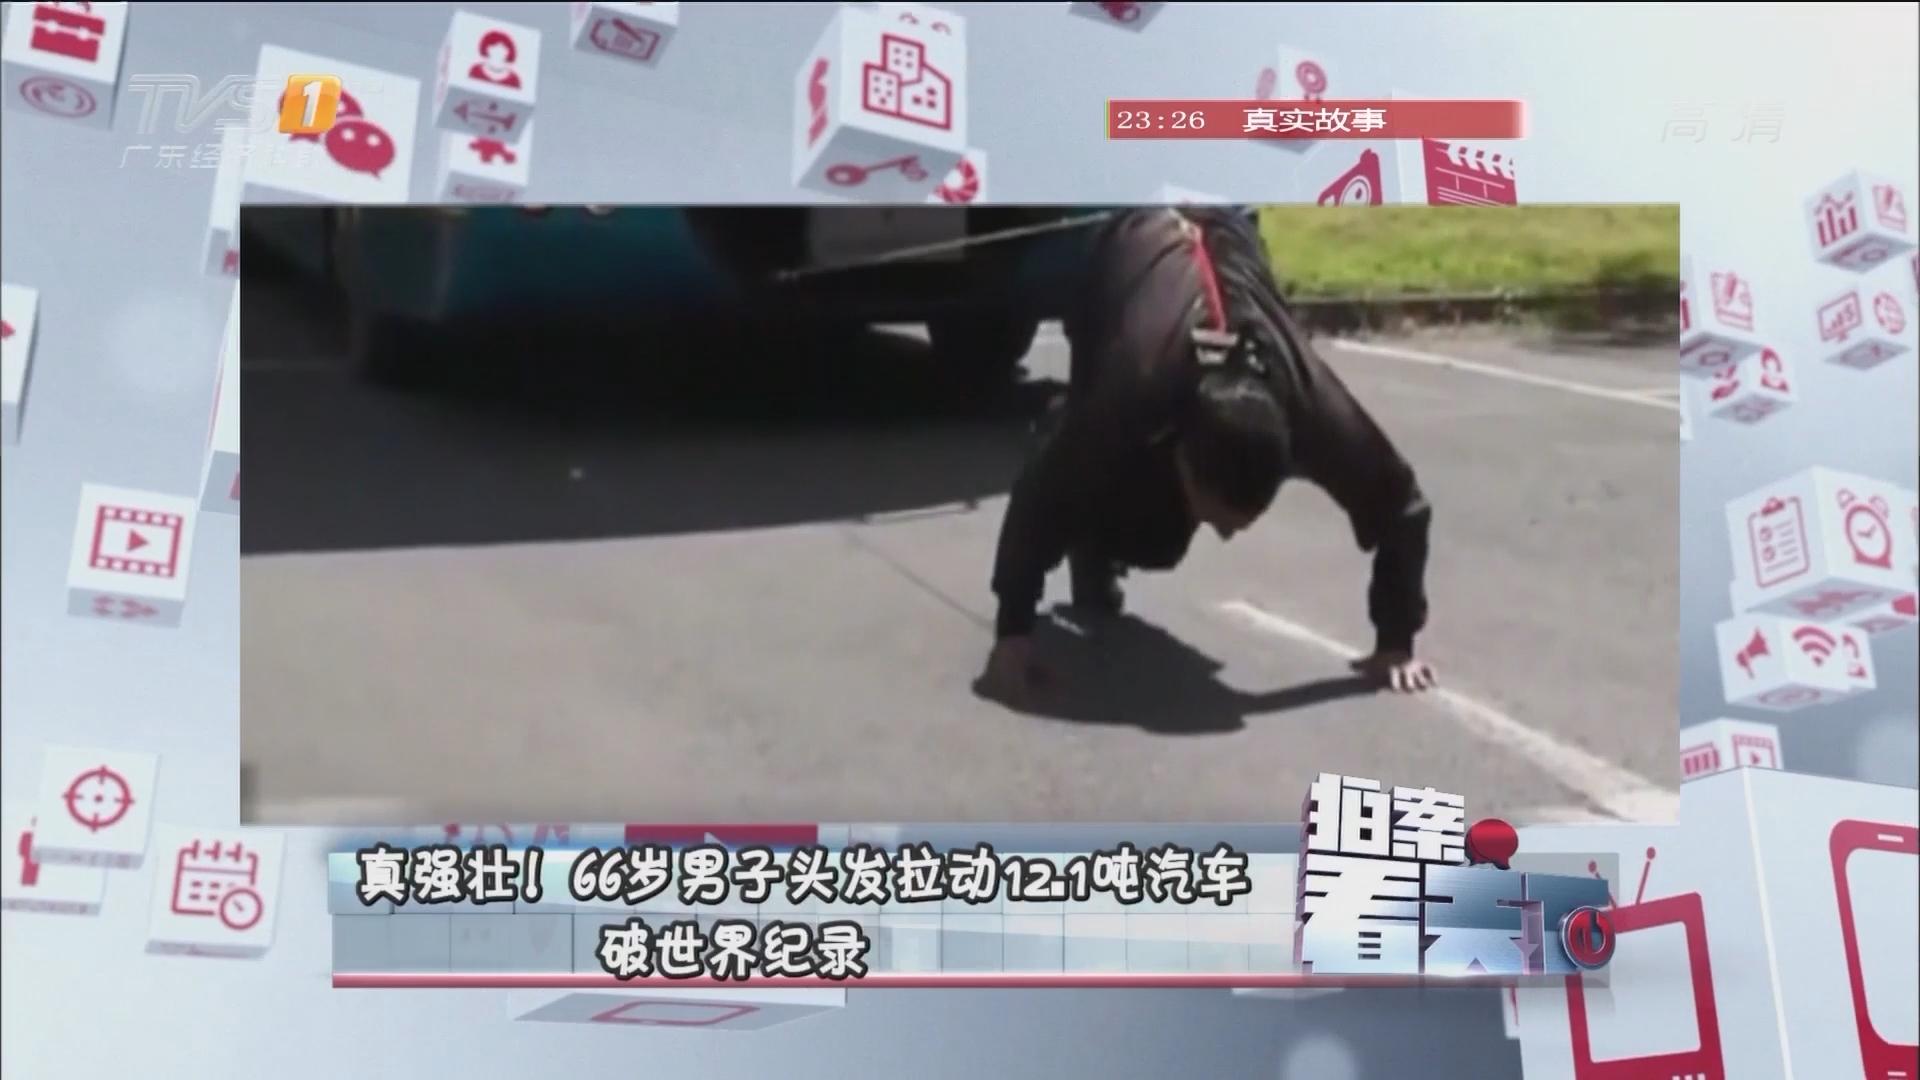 真强壮!66岁男子头发拉动12.1吨汽车 破世界纪录